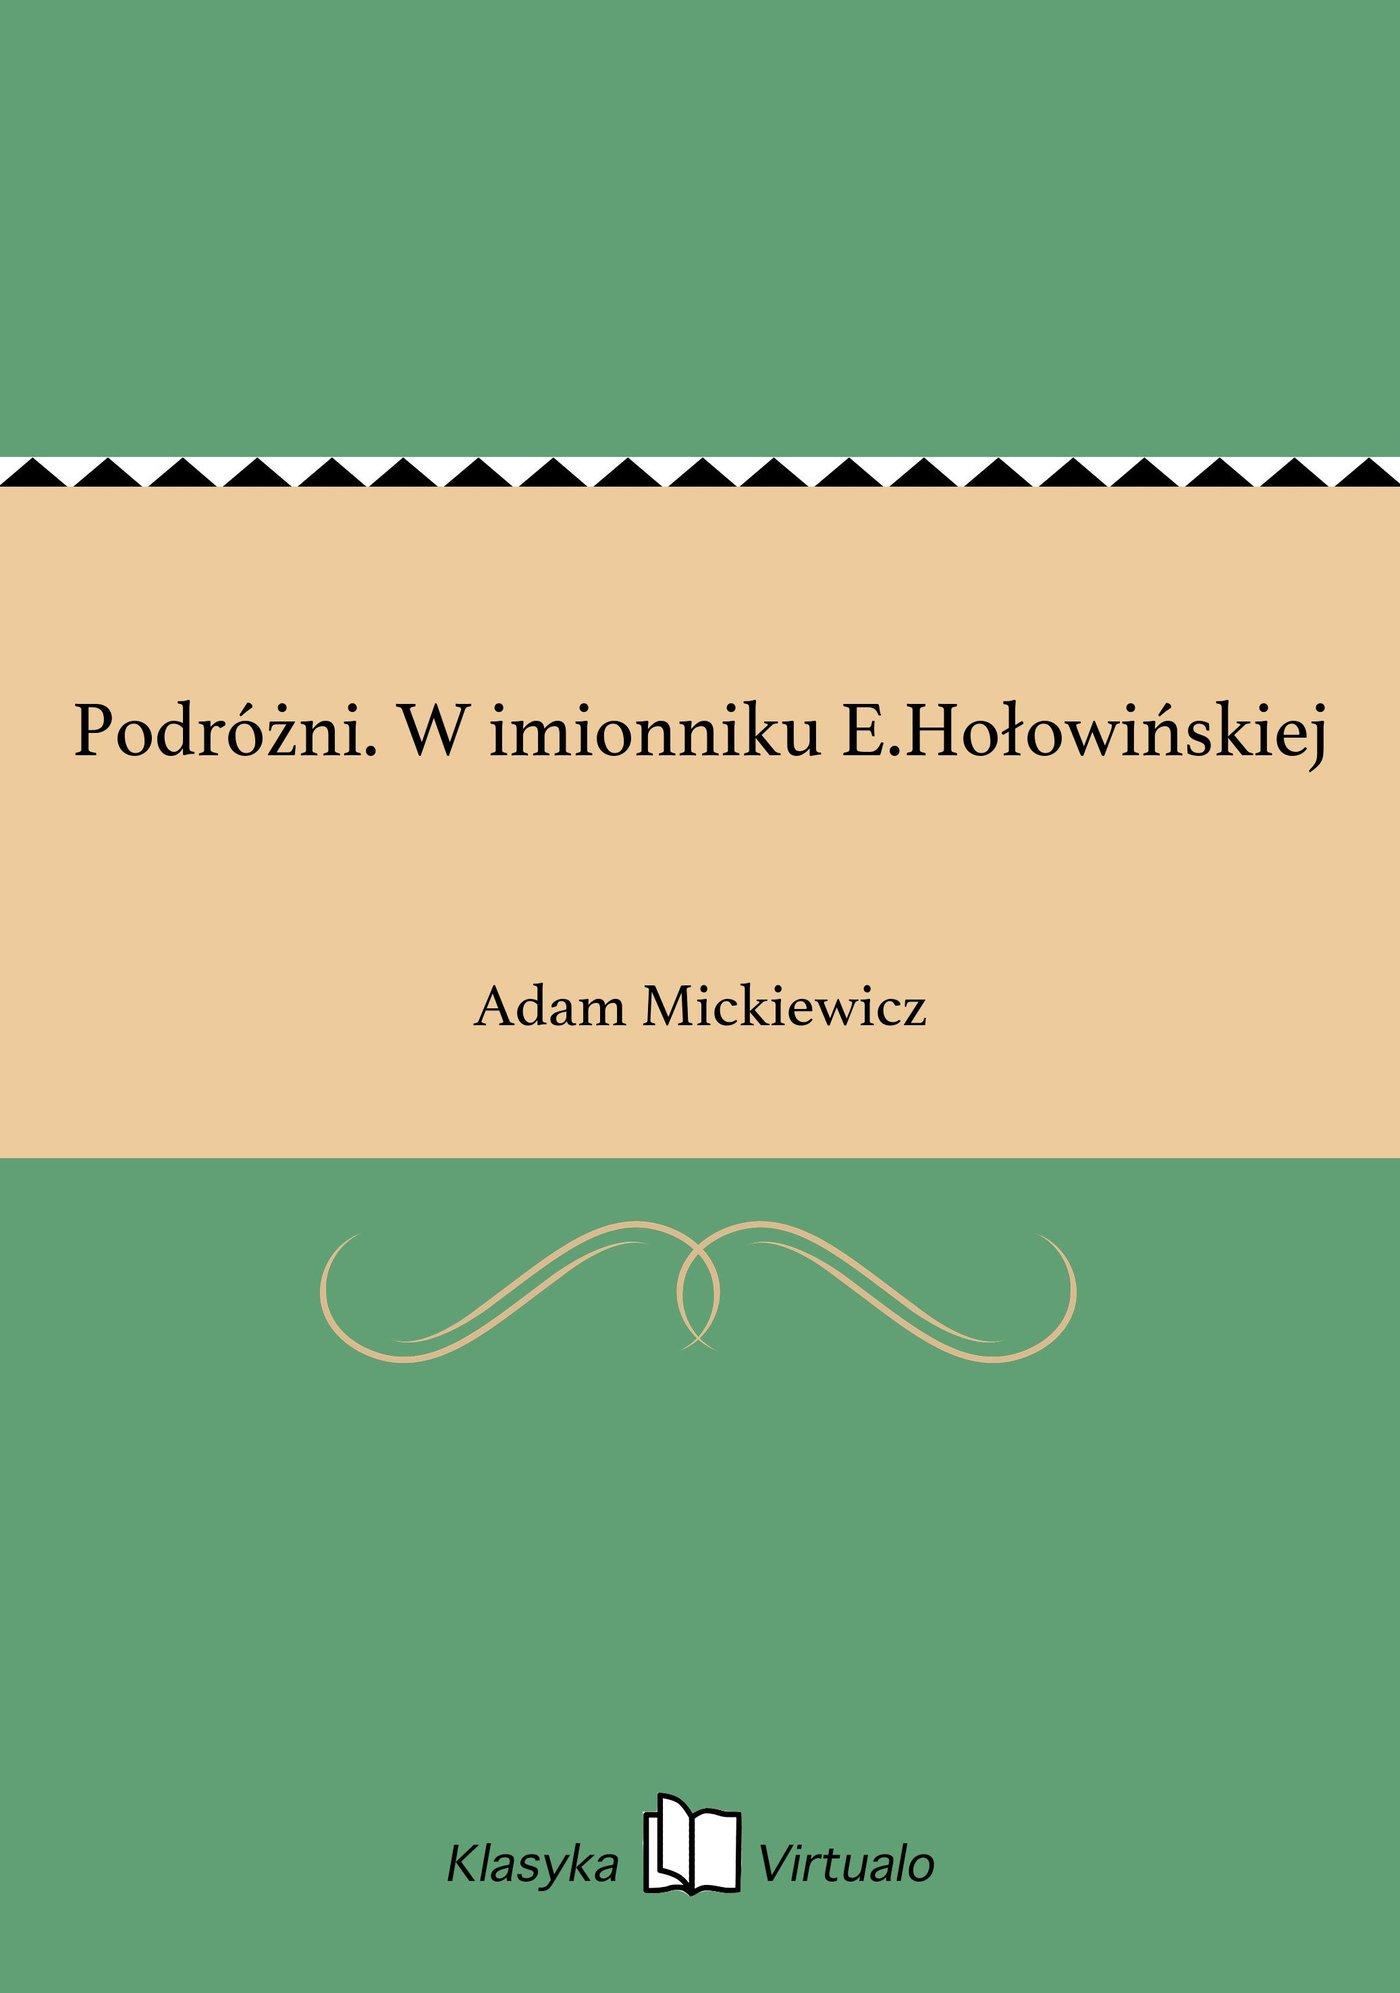 Podróżni. W imionniku E.Hołowińskiej - Ebook (Książka na Kindle) do pobrania w formacie MOBI